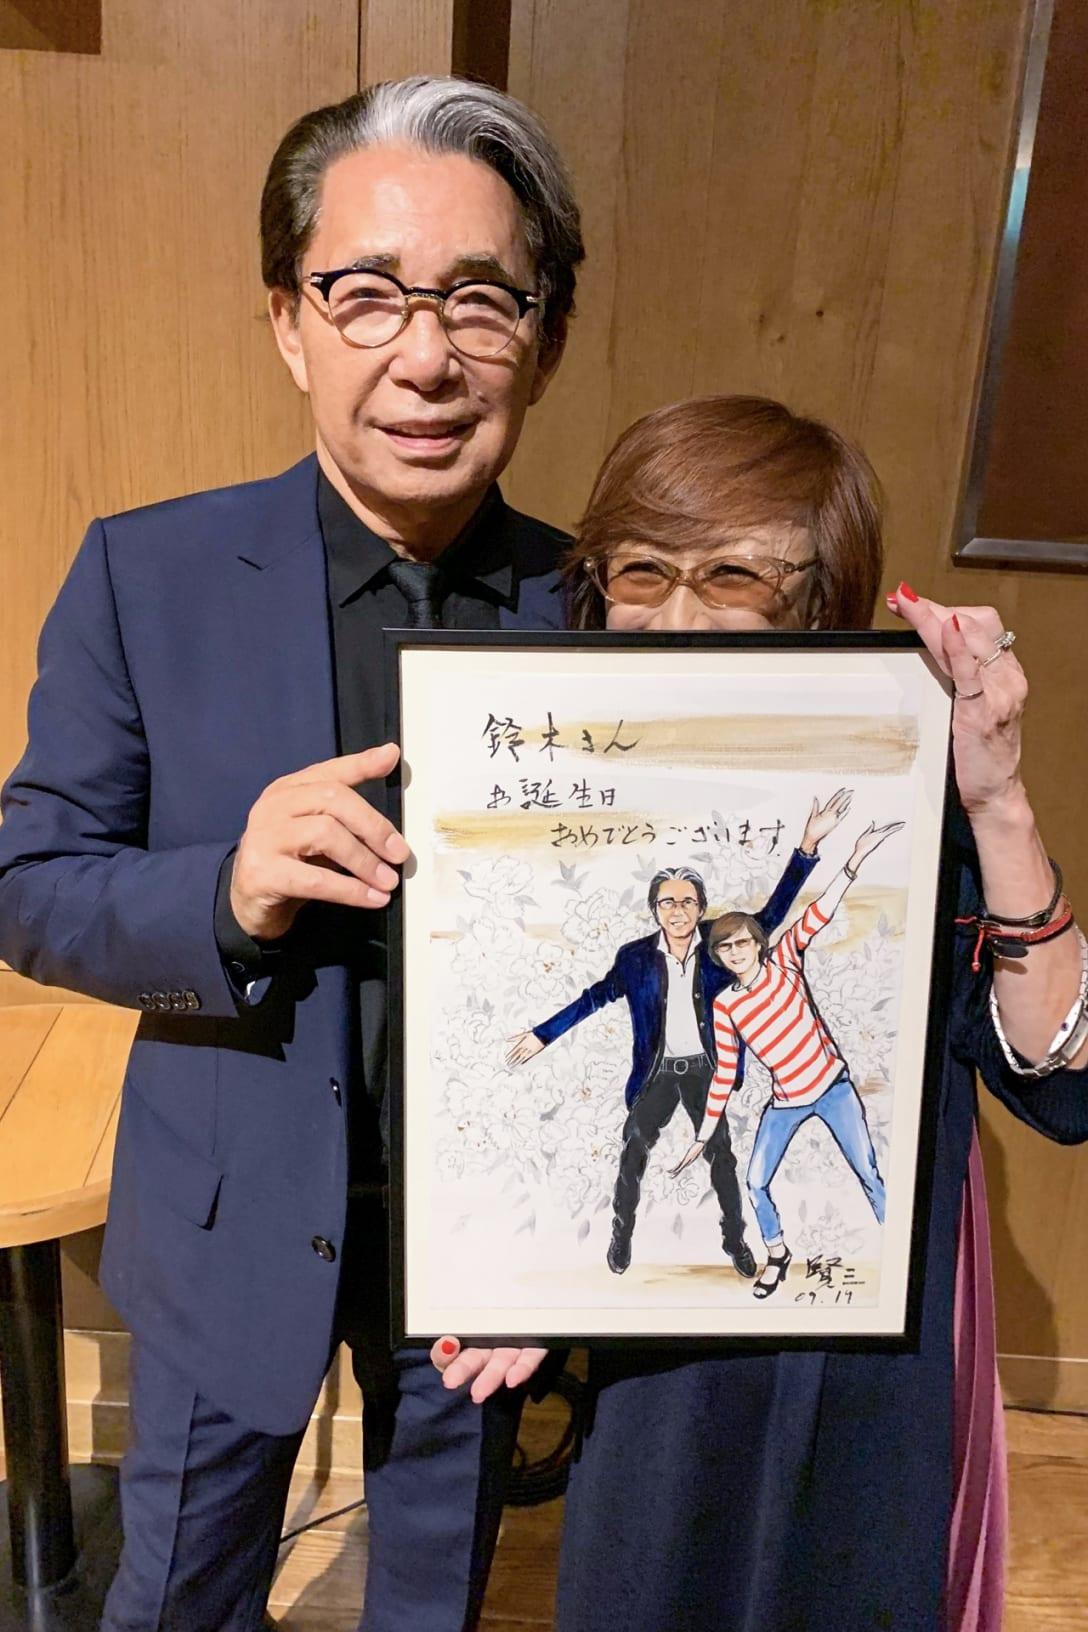 賢三さんから贈られた2ショットの絵(筆者提供)